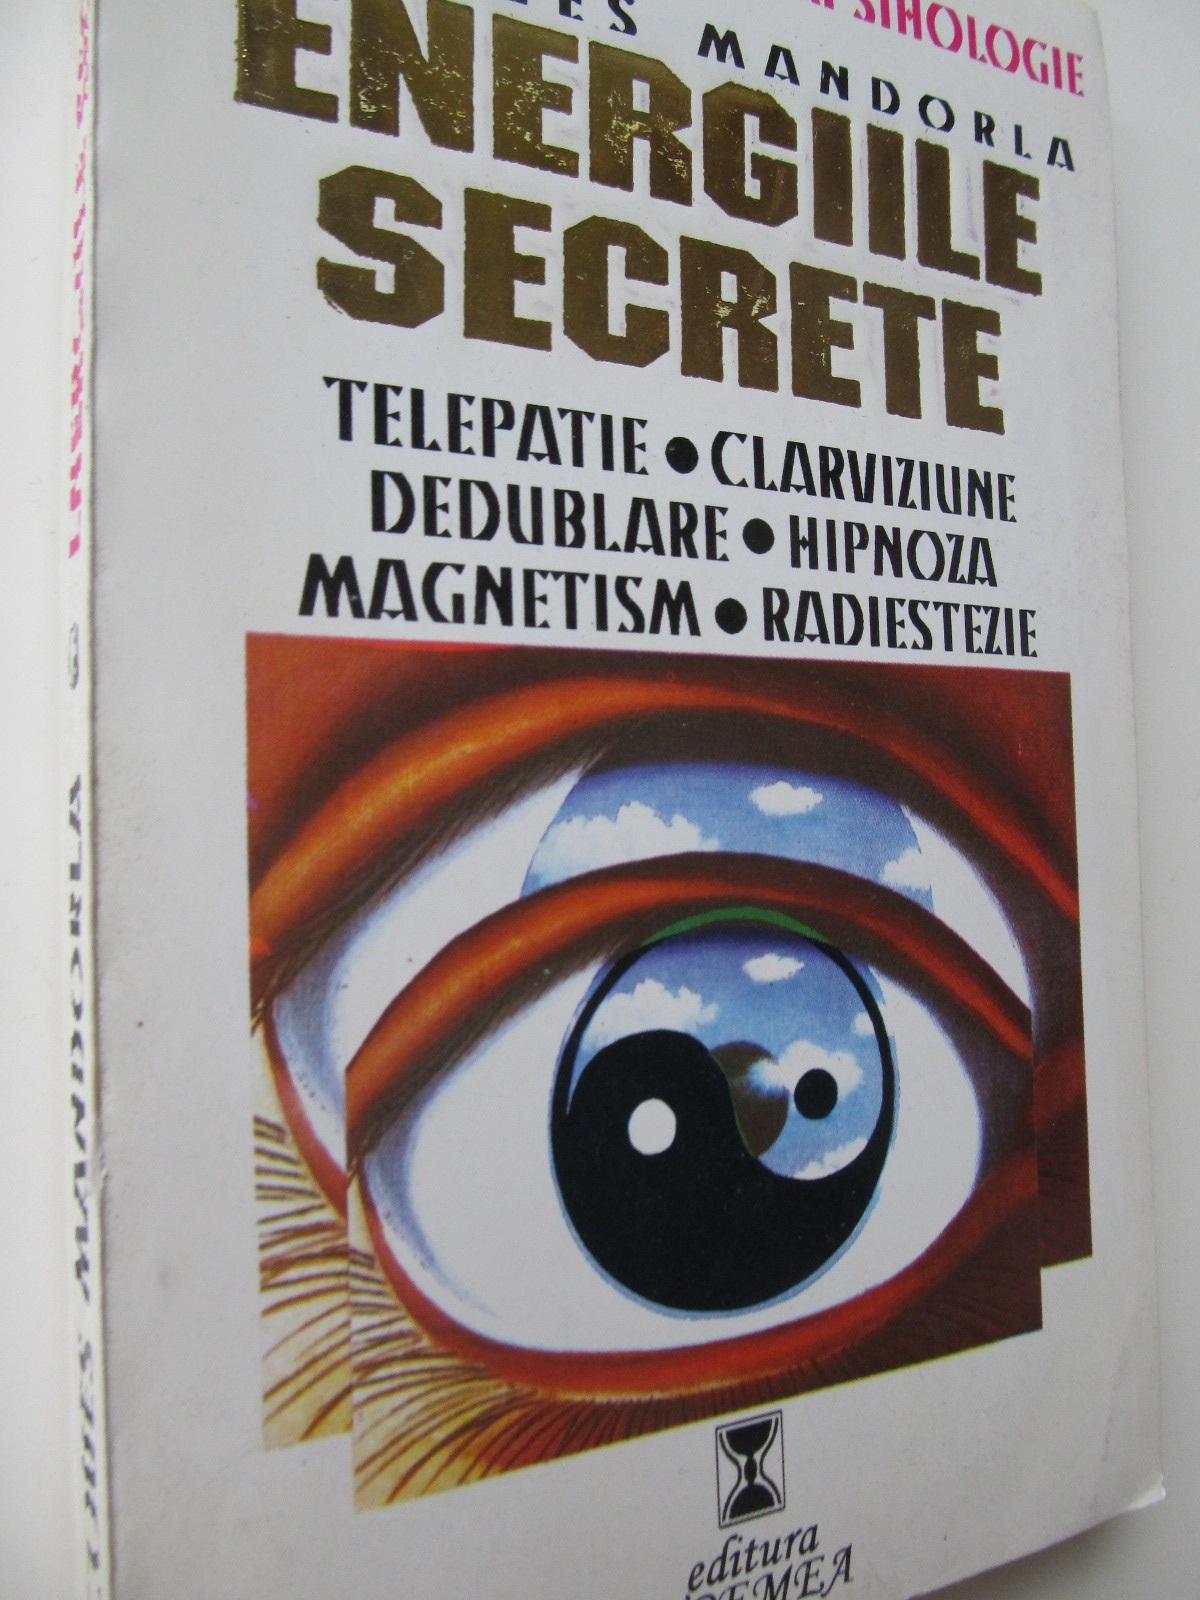 Energiile secrete - Telepatie clarviziune dedublare hipnoza magnetism radiestezie - Jacques Mandorla | Detalii carte